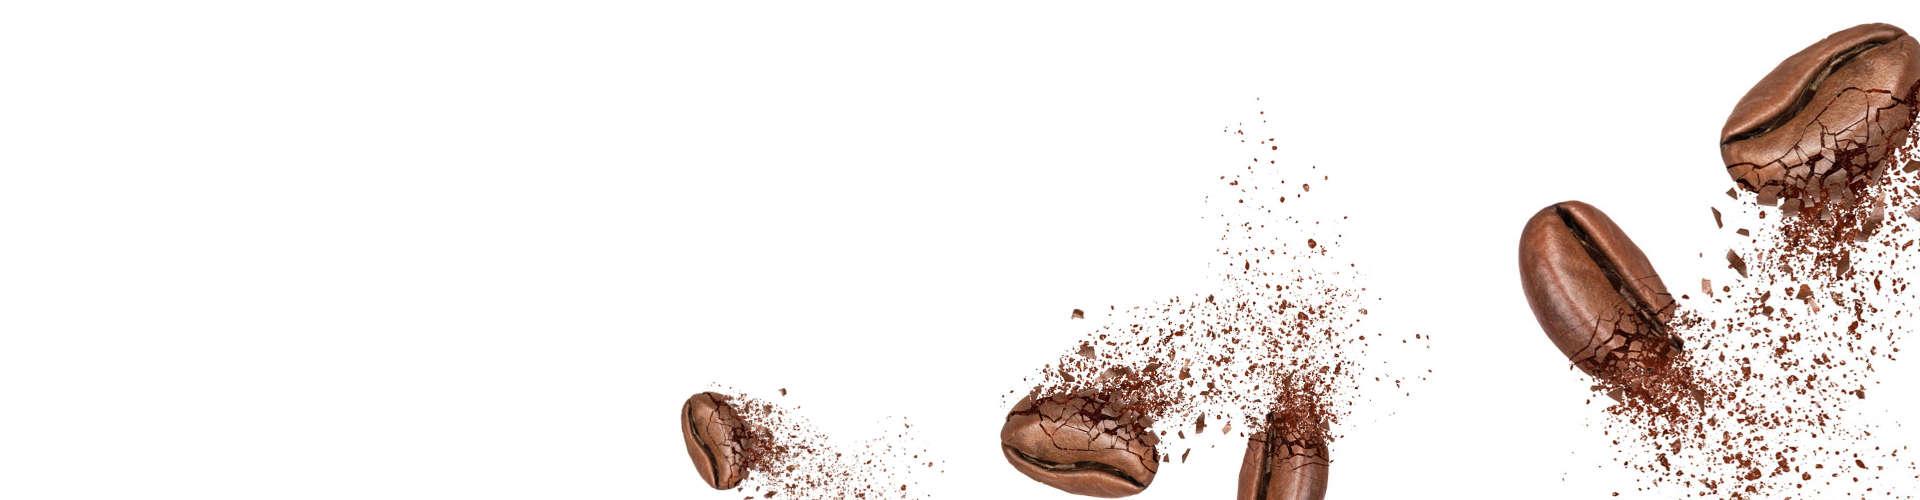 instellen maalgraad koffiemachine